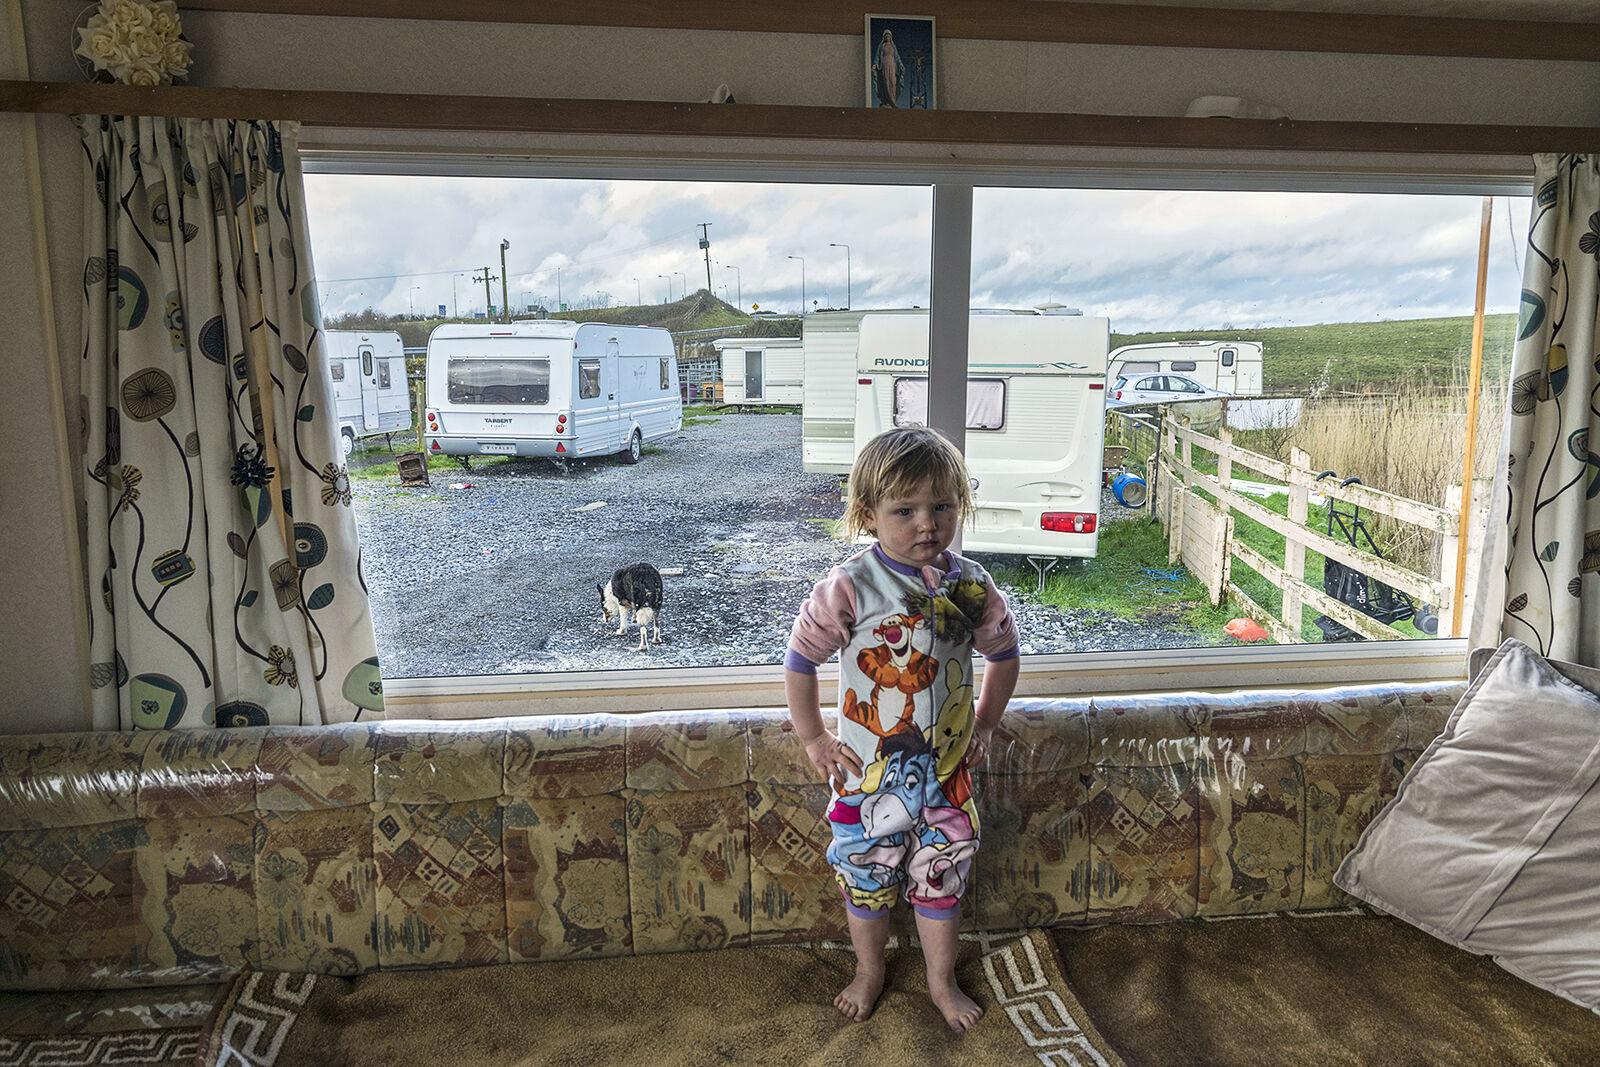 Girl in Caravan, Clare, Ireland 2018